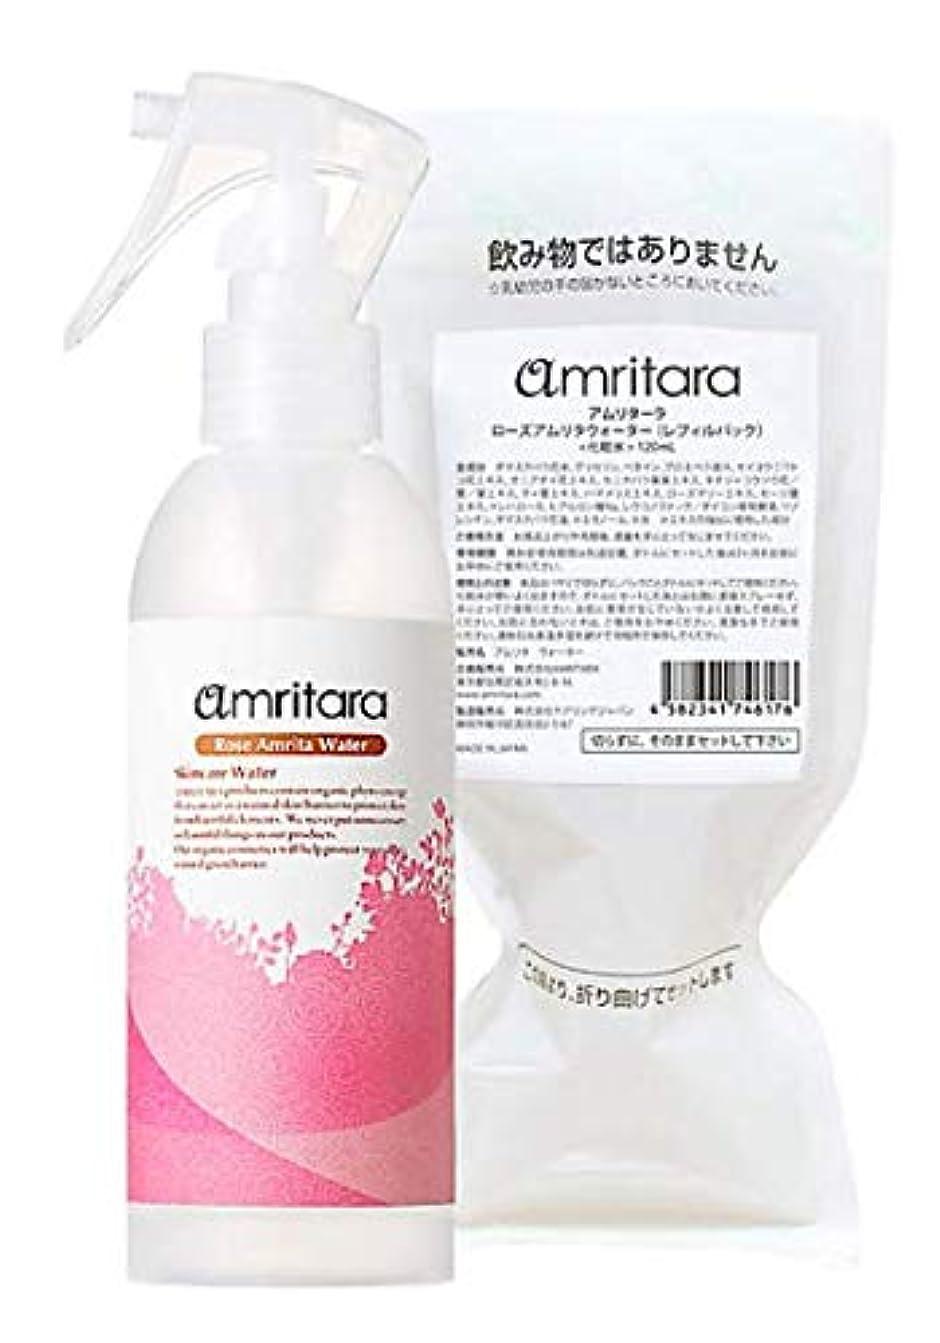 密接にご飯丘amritara(アムリターラ) ローズアムリタウォーター セット 120mL(レフィルと空ボトルのセット)